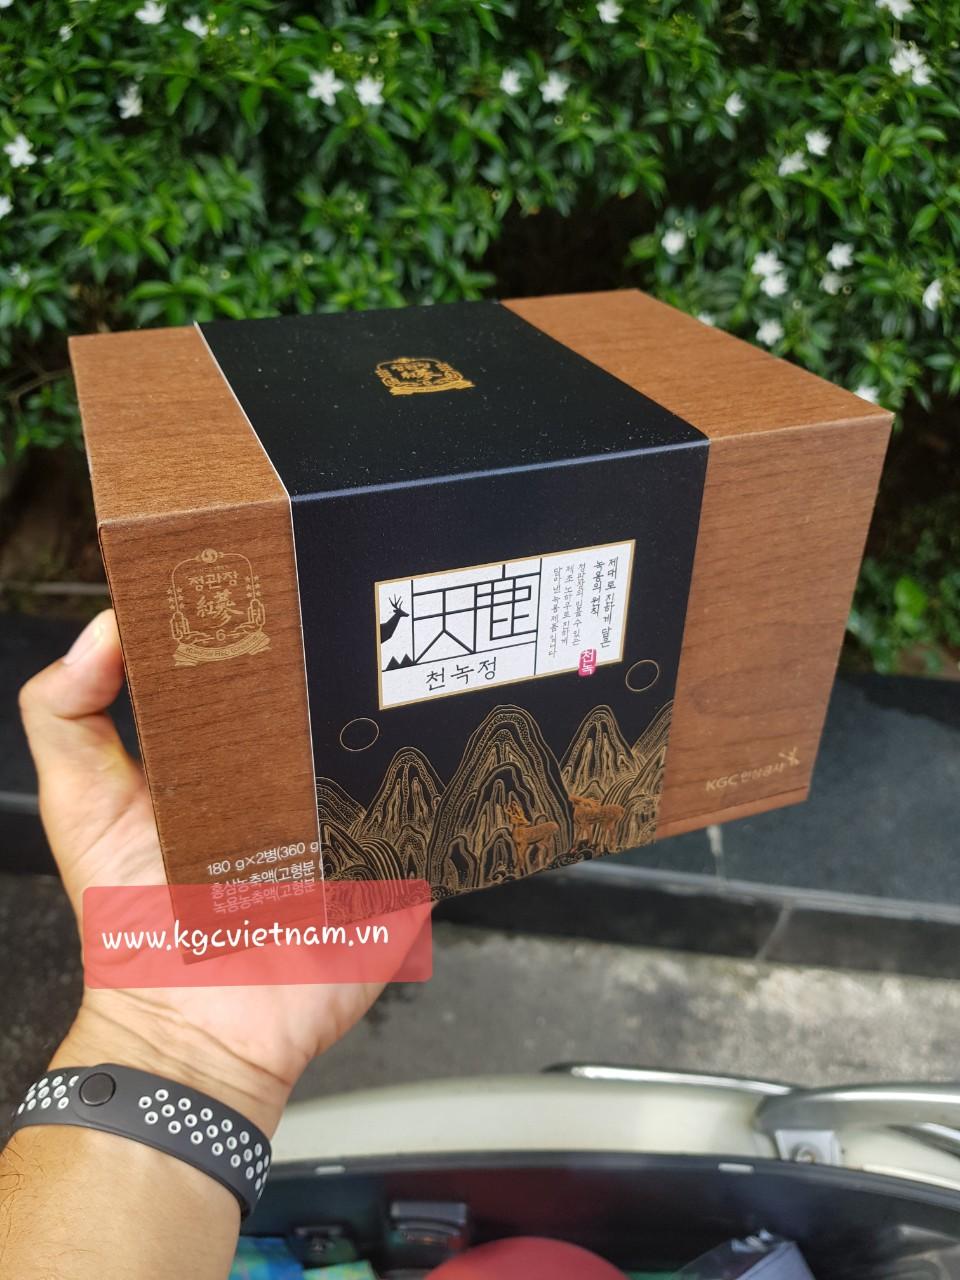 Cao hồng sâm nhung hươu KGC - Cheong Kwan Jang 180g x 2 lọ